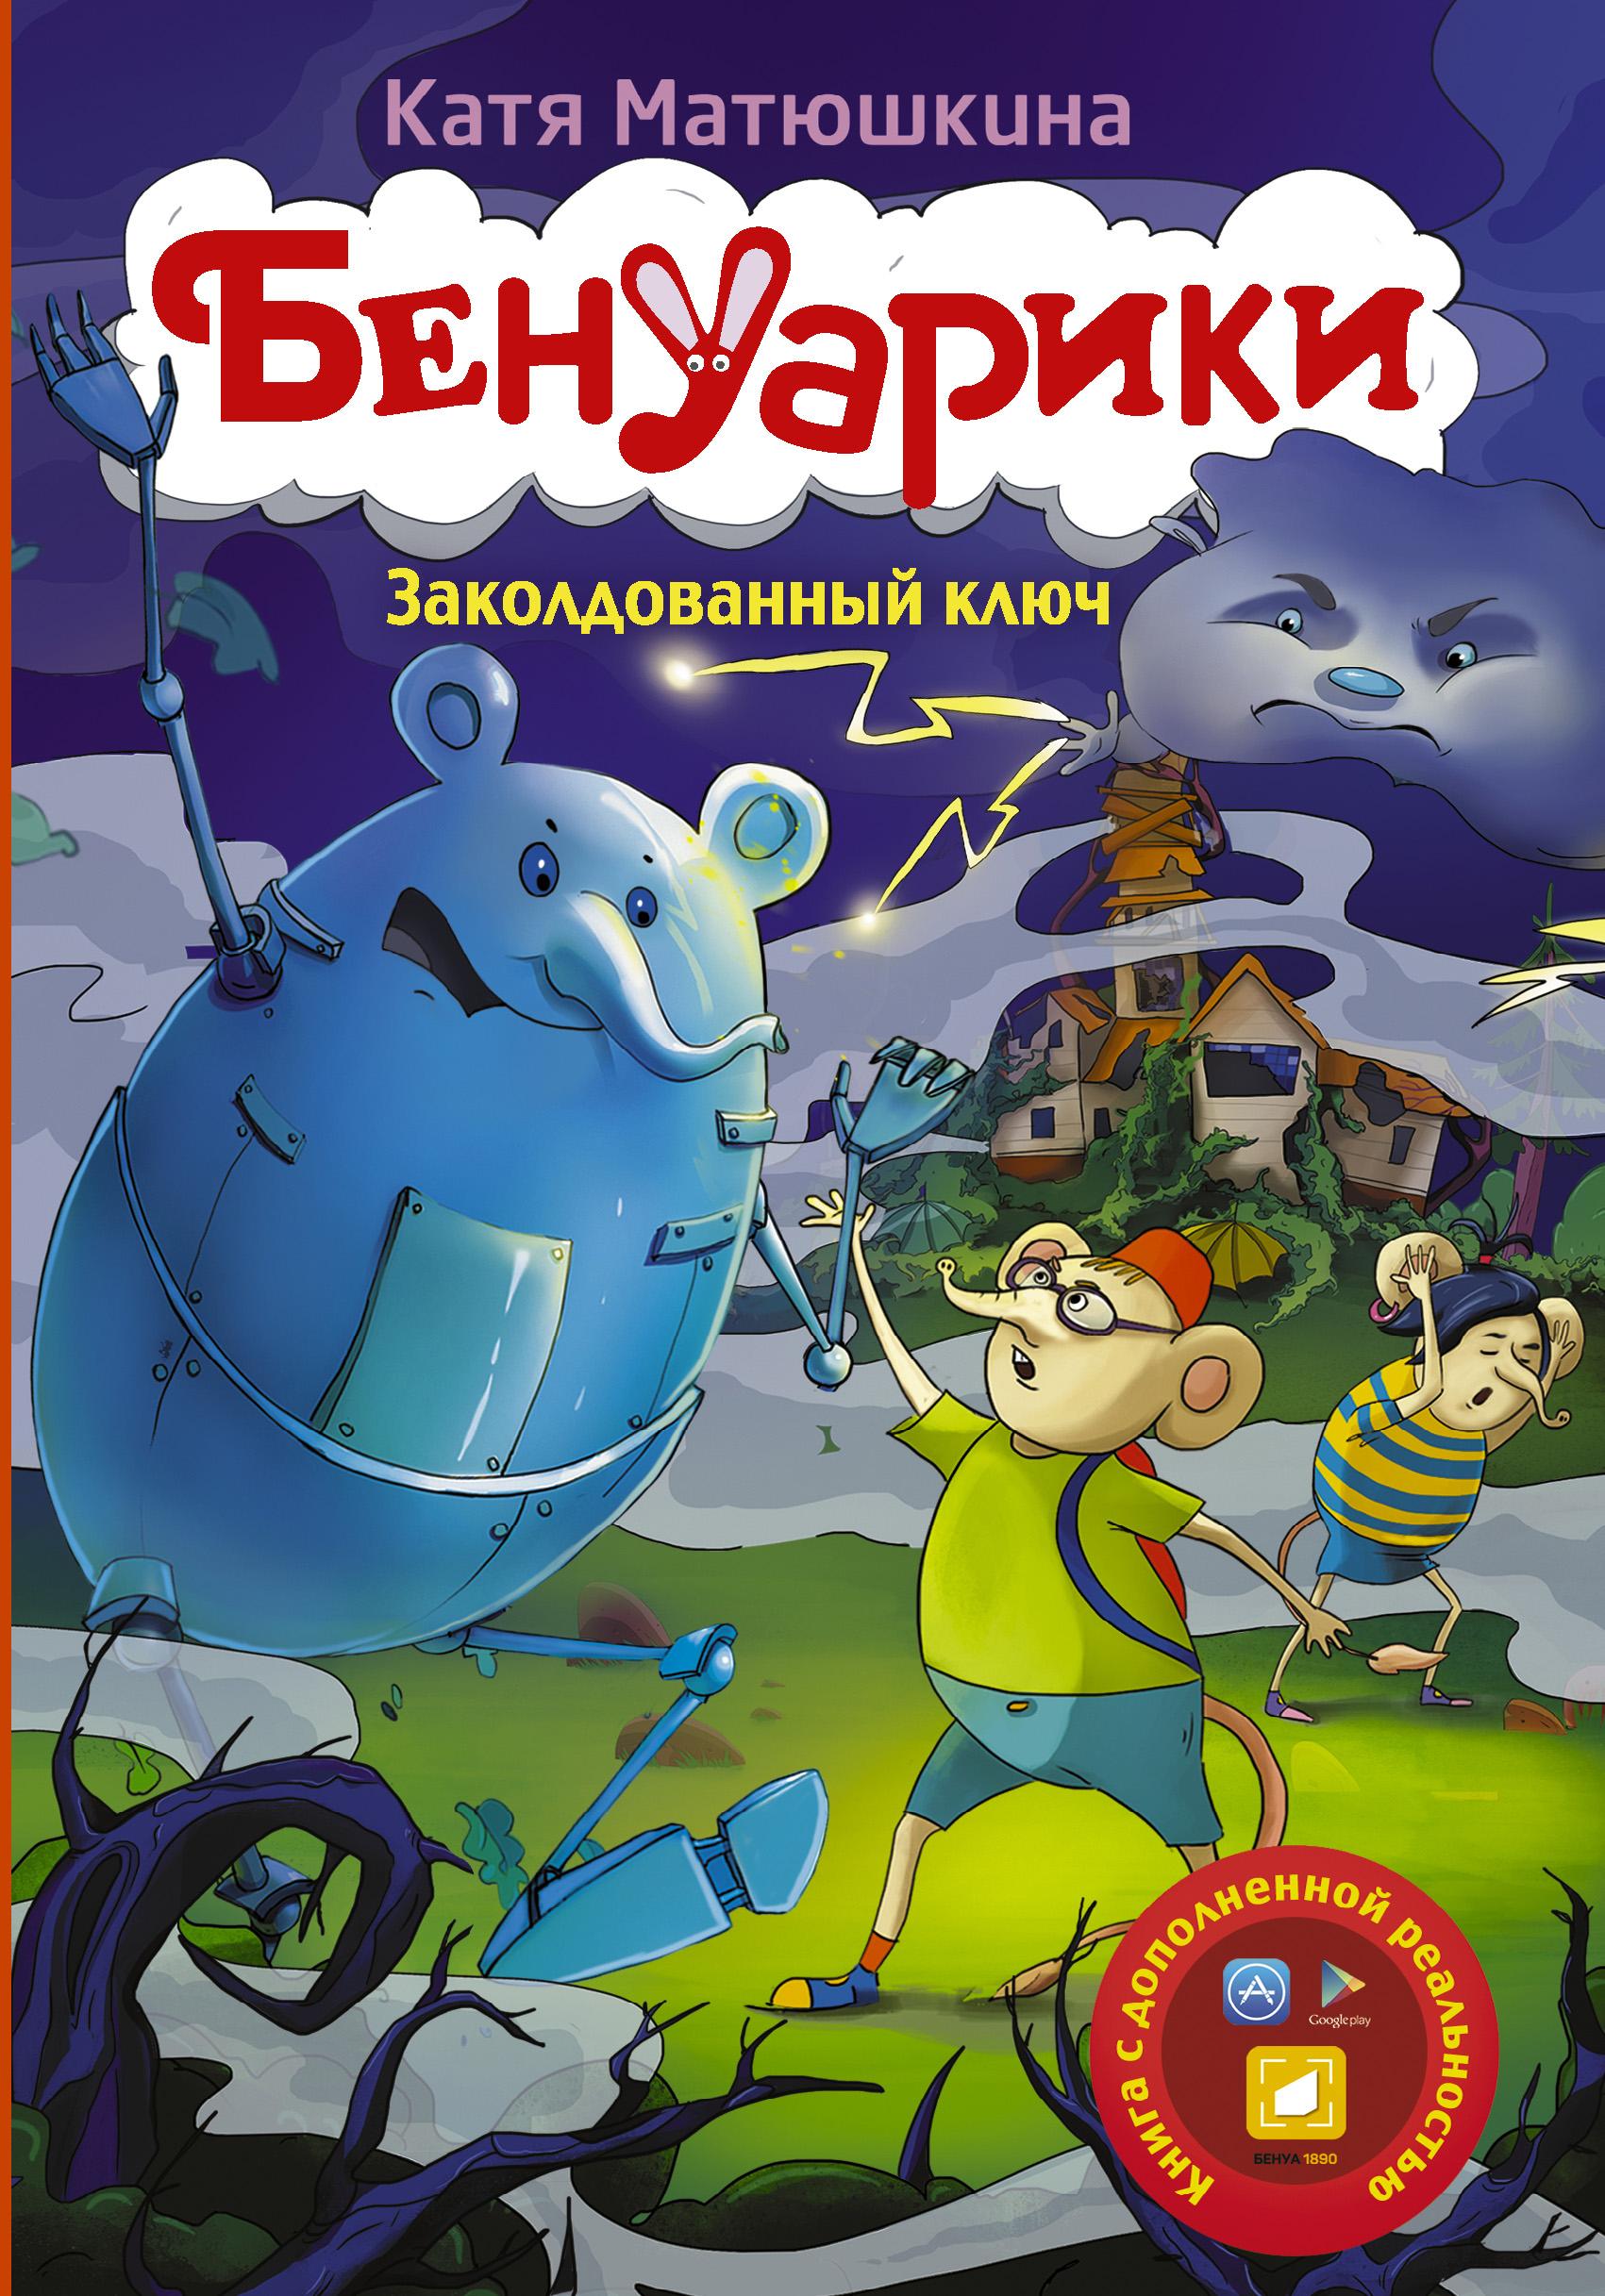 Катя Матюшкина Бенуарики. Заколдованный ключ катя матюшкина бенуарики заколдованный ключ